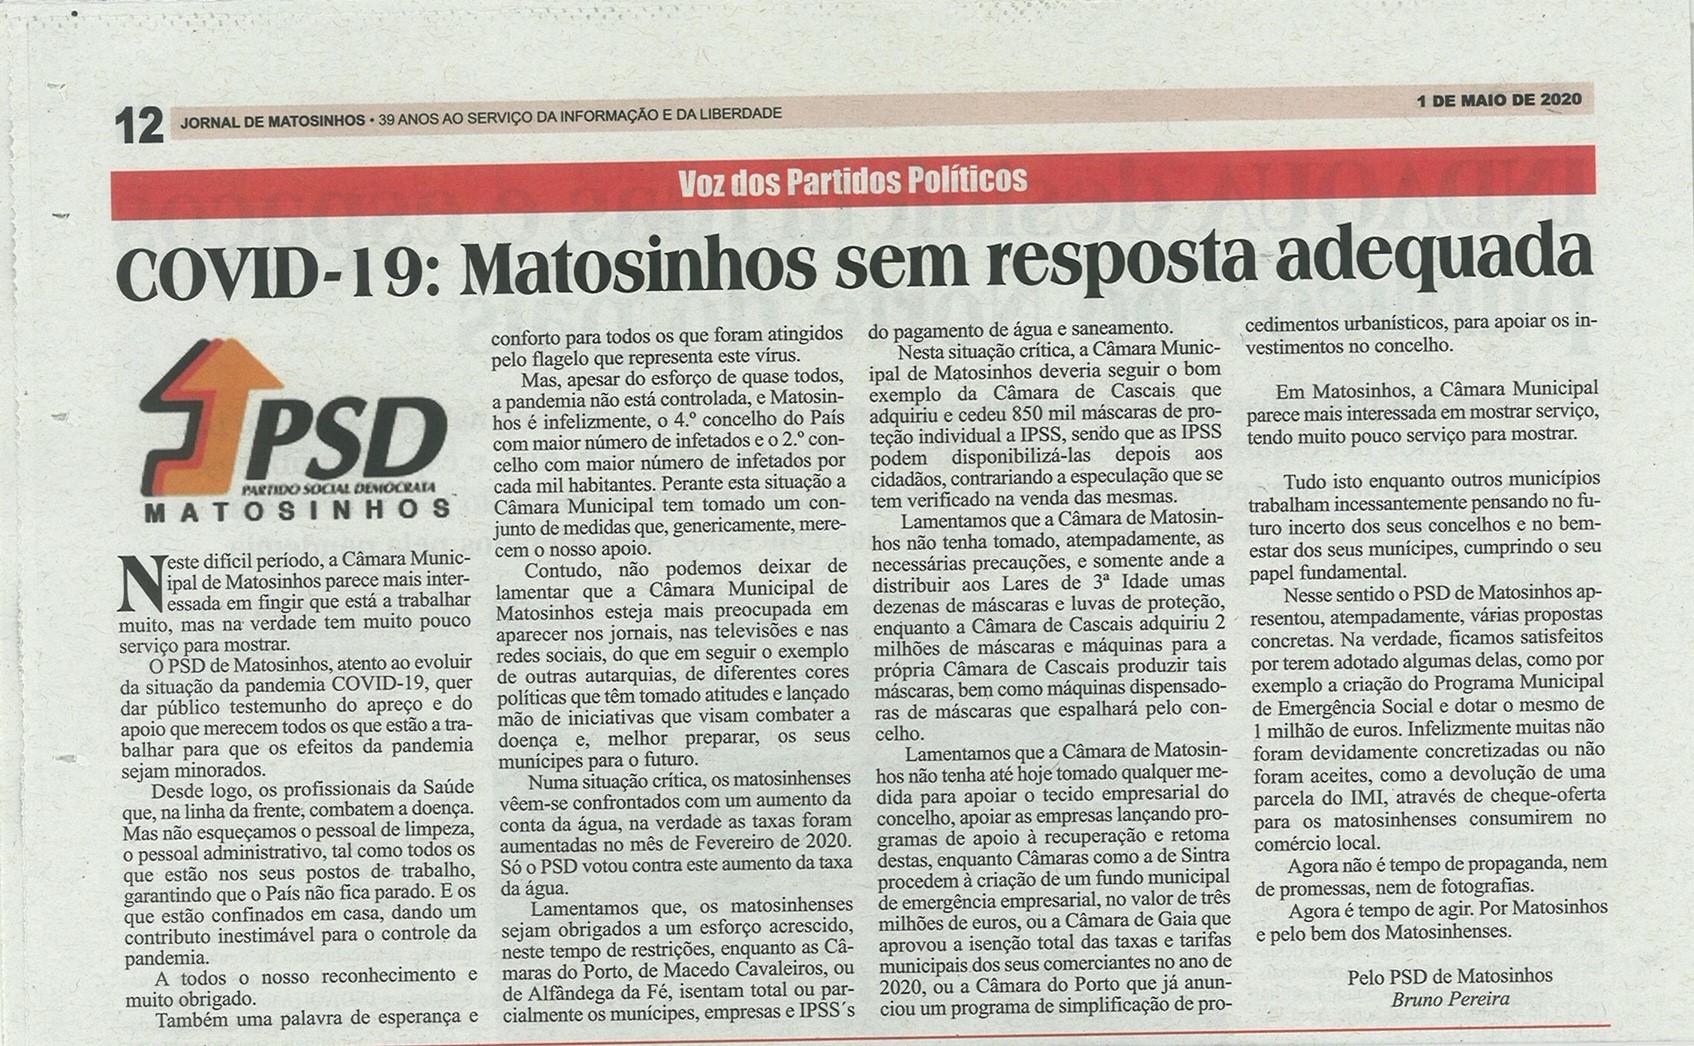 JM: COVID-19: Matosinhos sem resposta adequada